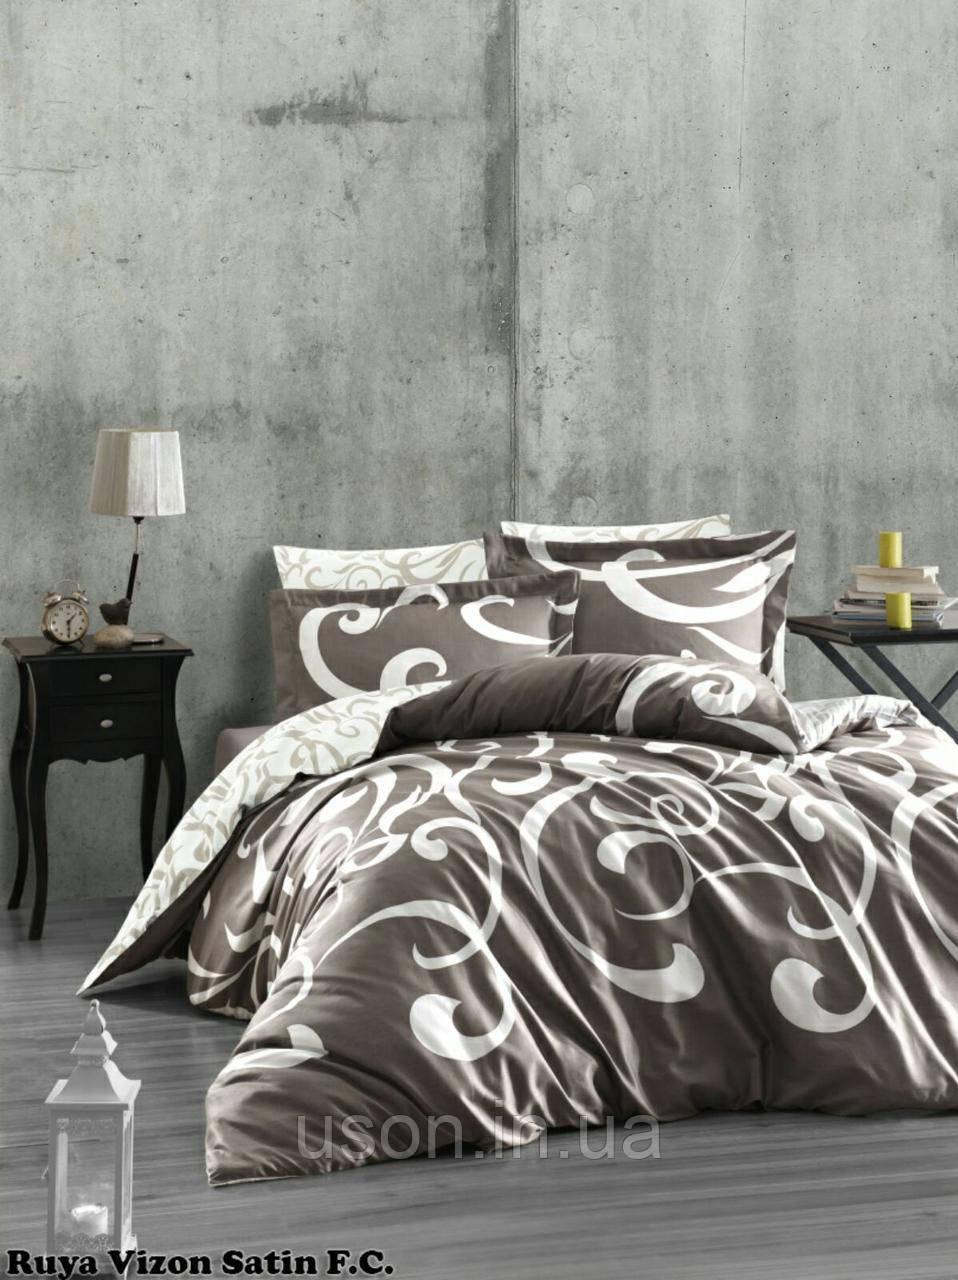 Комплект постельного белья Тм First Choice сатин Ruya Vizon